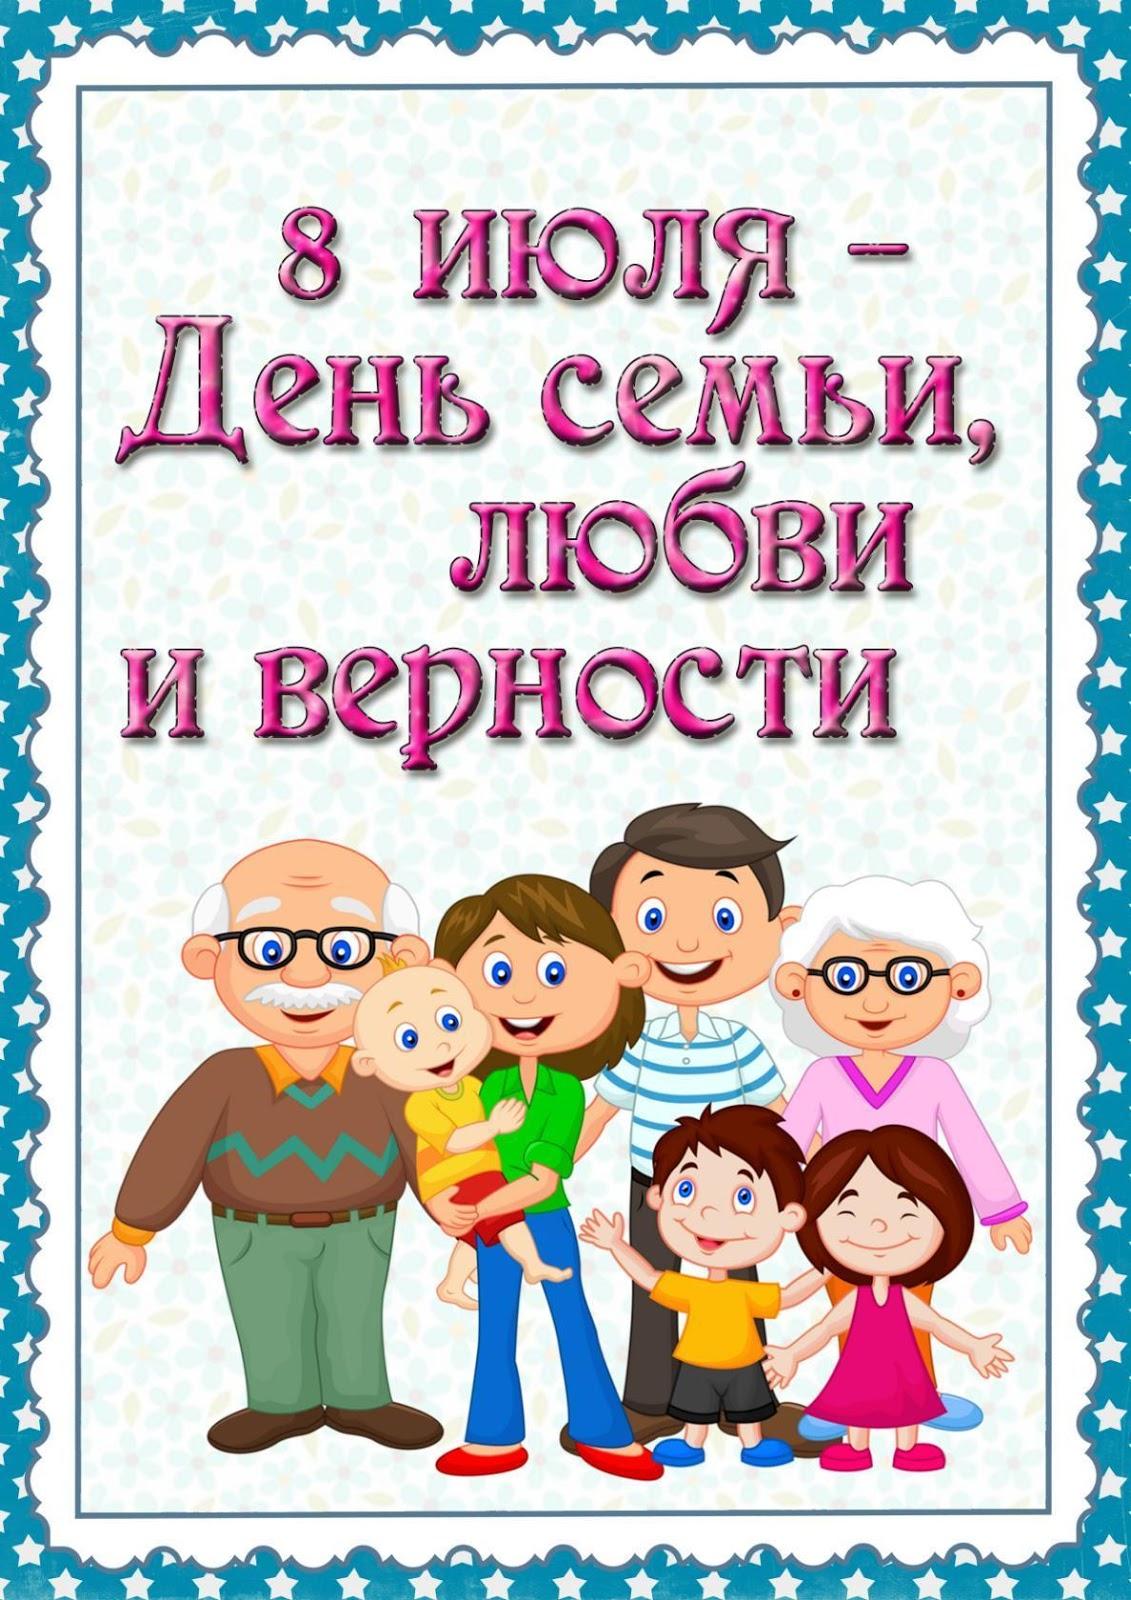 Картинки ко дню семьи любви и верности для детского сада